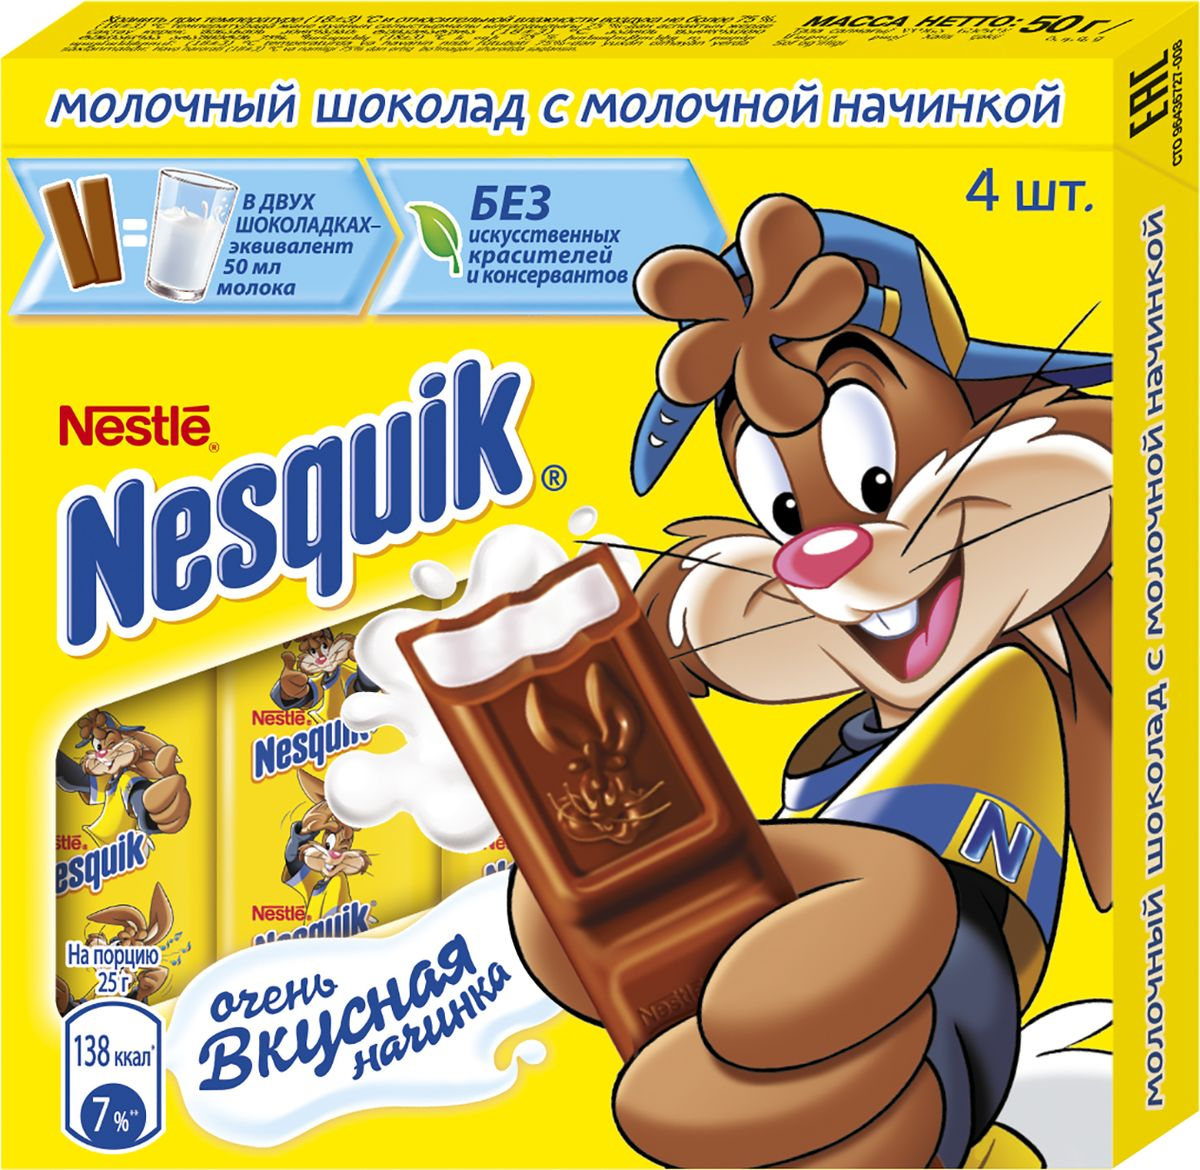 Nesquik молочный шоколад с молочной начинкой, 50 г12087320Молочный шоколад с кальцием и молочной начинкойШоколадки Nesquik - это любимое лакомство кролика Квики и его друзей!Без искусственных красителейБез консервантовИсточник кальцияОчень вкусная молочная начинкаВ двух шоколадках эквивалент 50 мл молокаУважаемые клиенты! Обращаем ваше внимание, что полный перечень состава продукта представлен на дополнительном изображении.